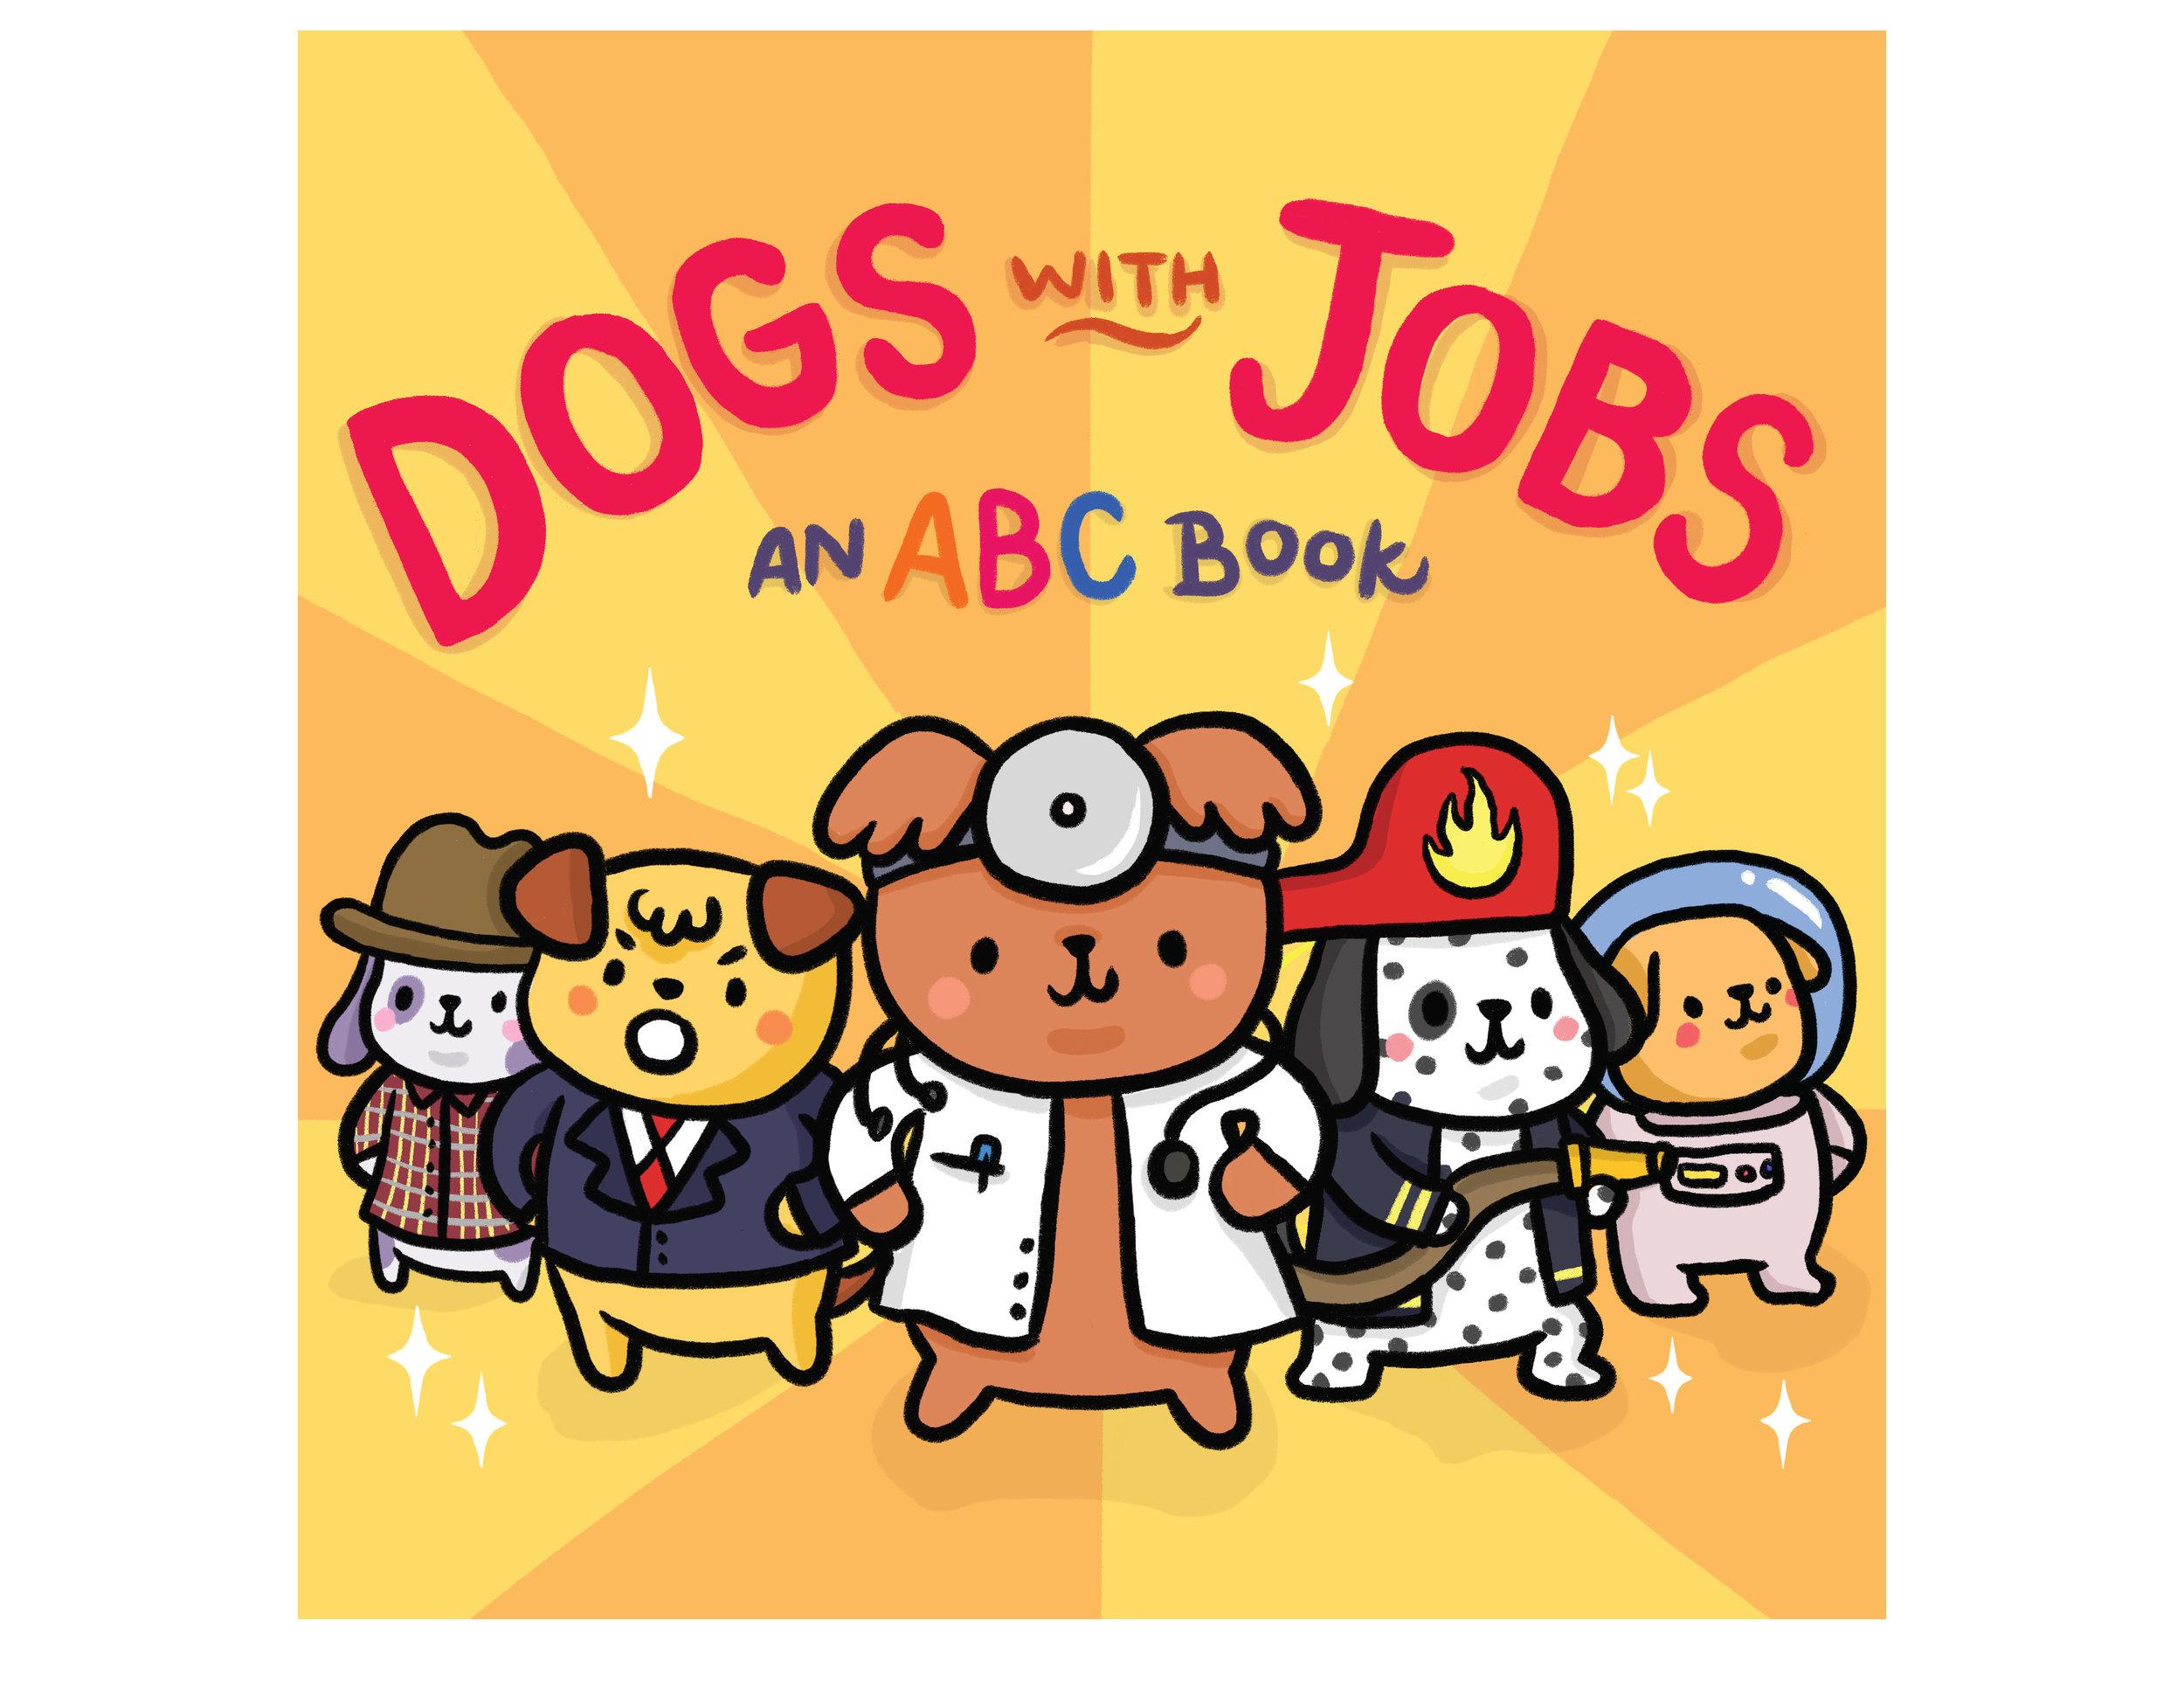 ABC_BOOK-04.jpg